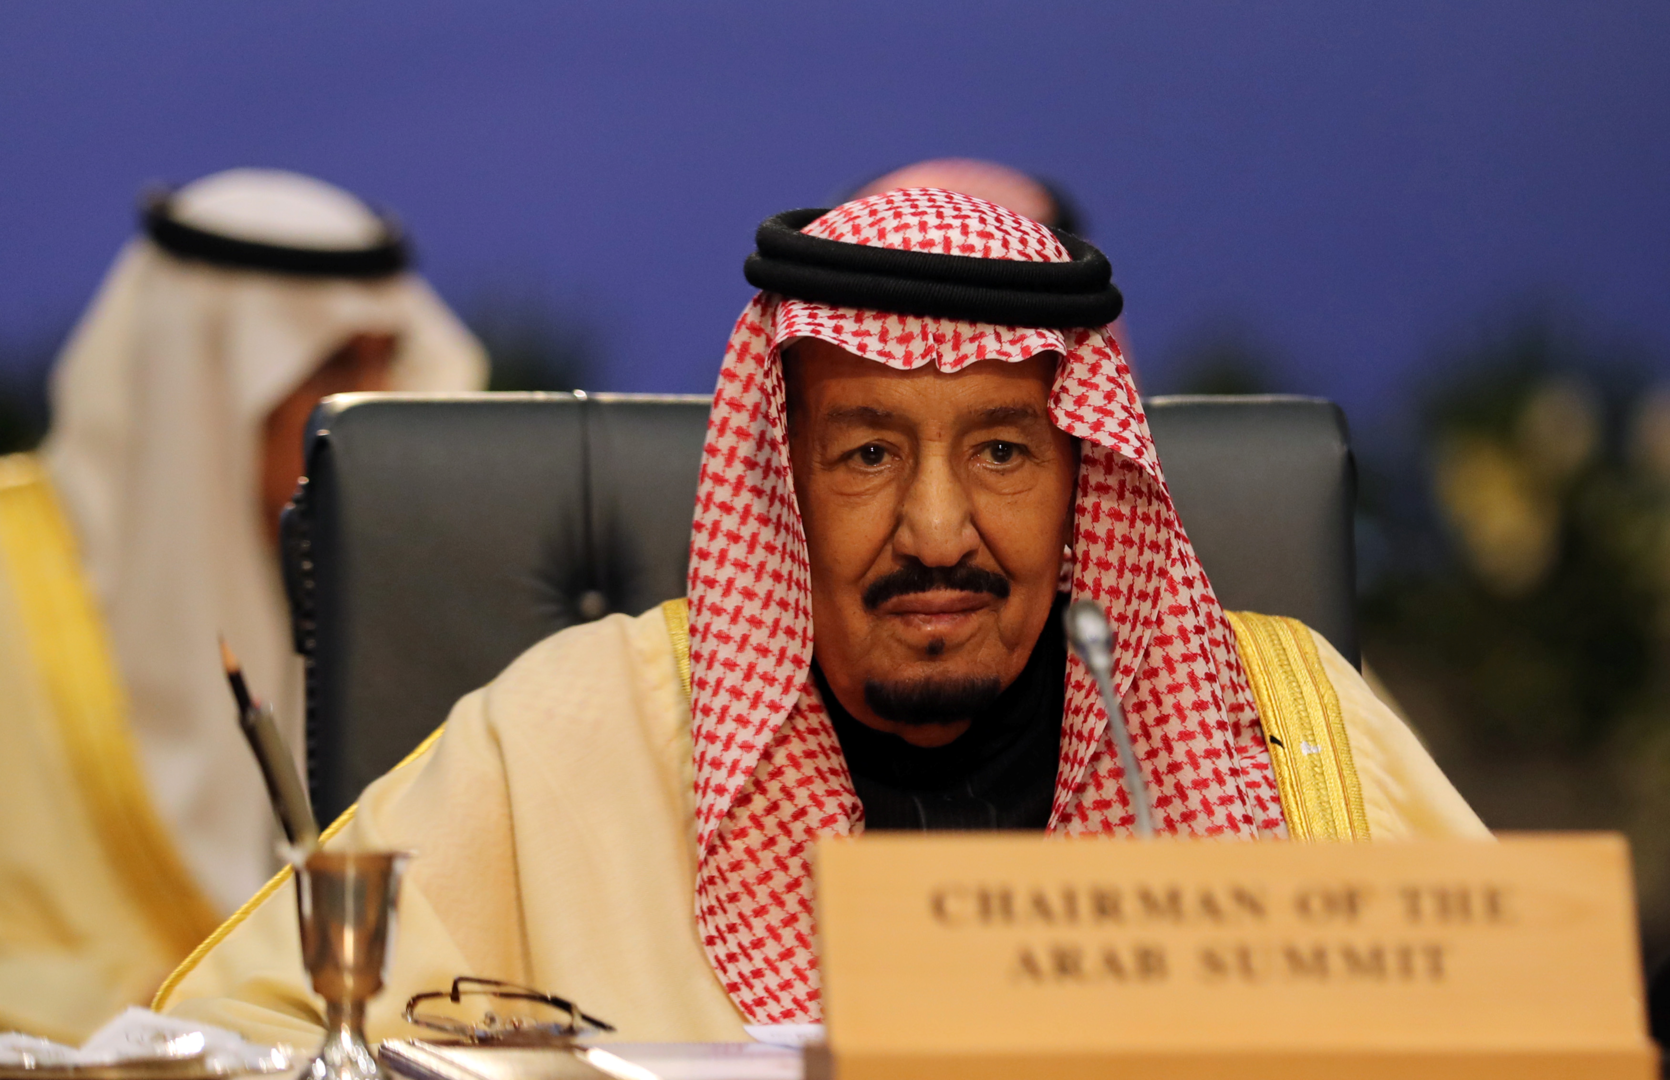 الملك سلمان يوجه باستكمال مشروع نوعي في الرياض